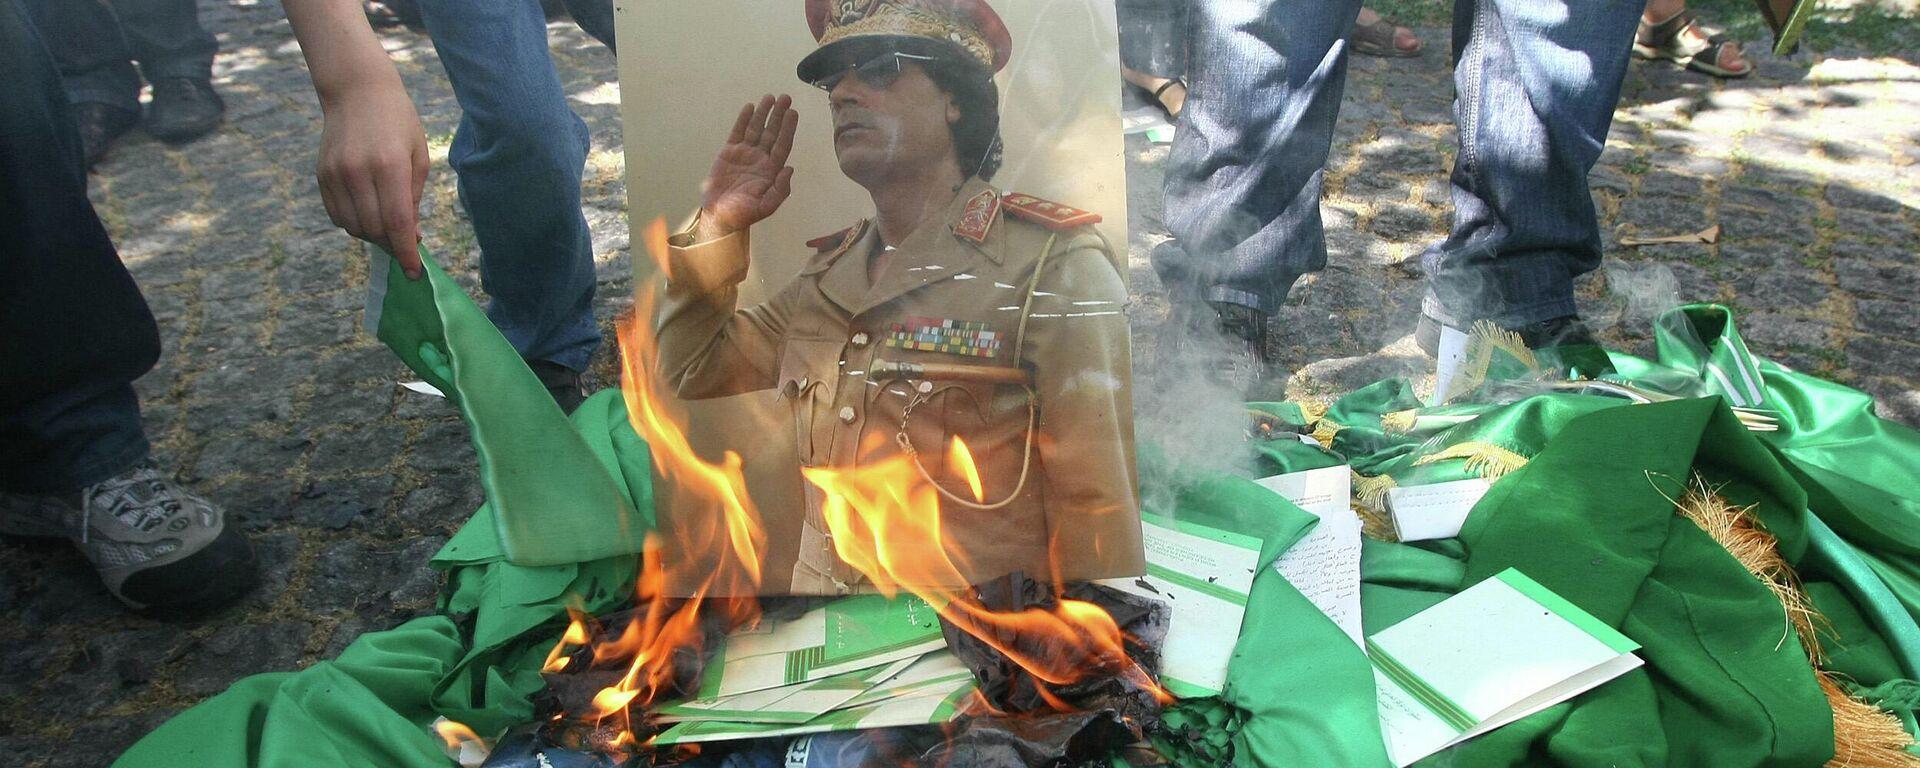 Proteste in Libyen 2011 (Archivbild) - SNA, 1920, 15.02.2021